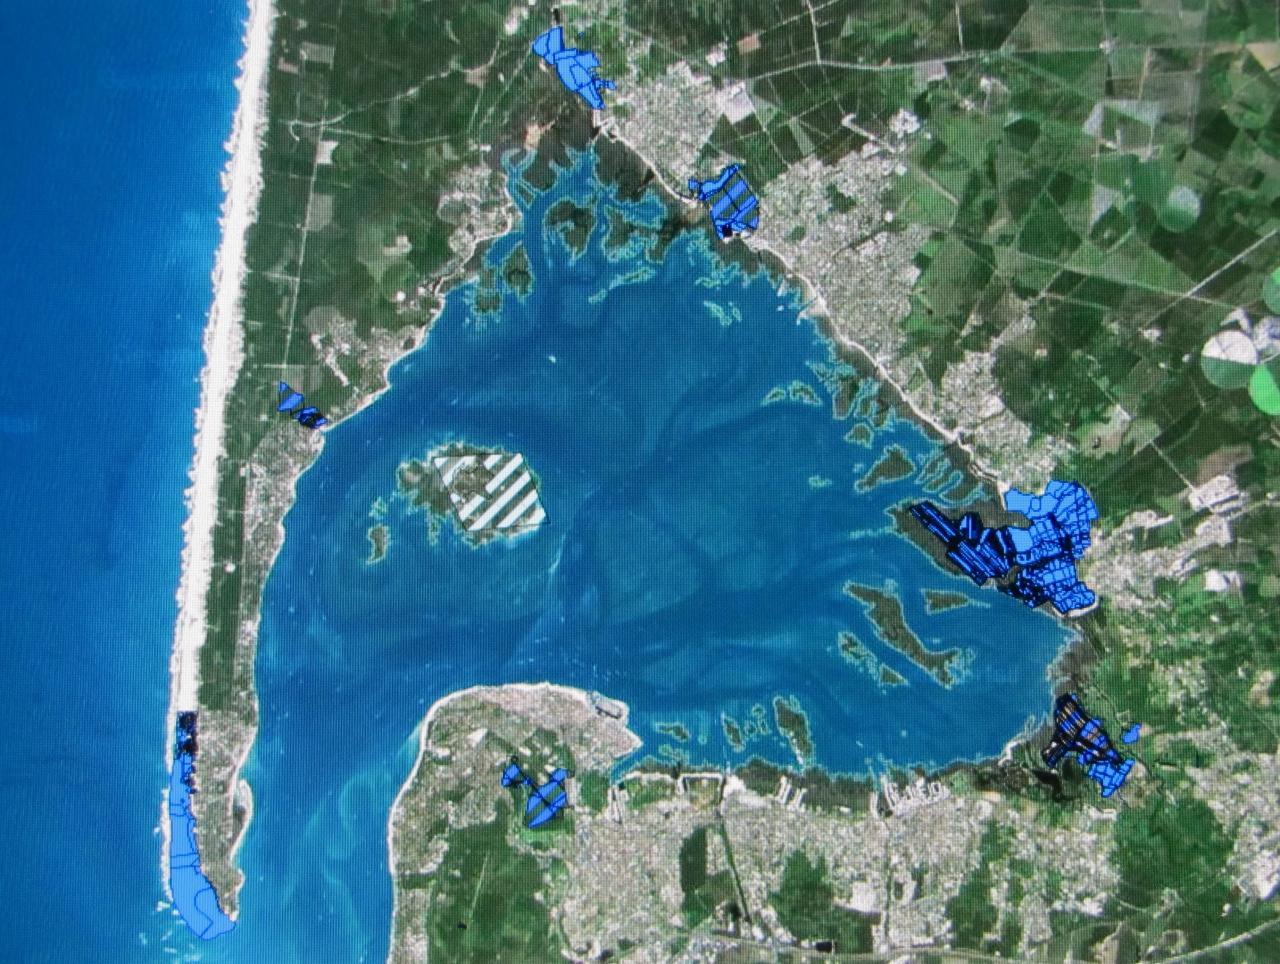 D coration bassin d arcachon carte 37 creteil - Leroy merlin creteil ...